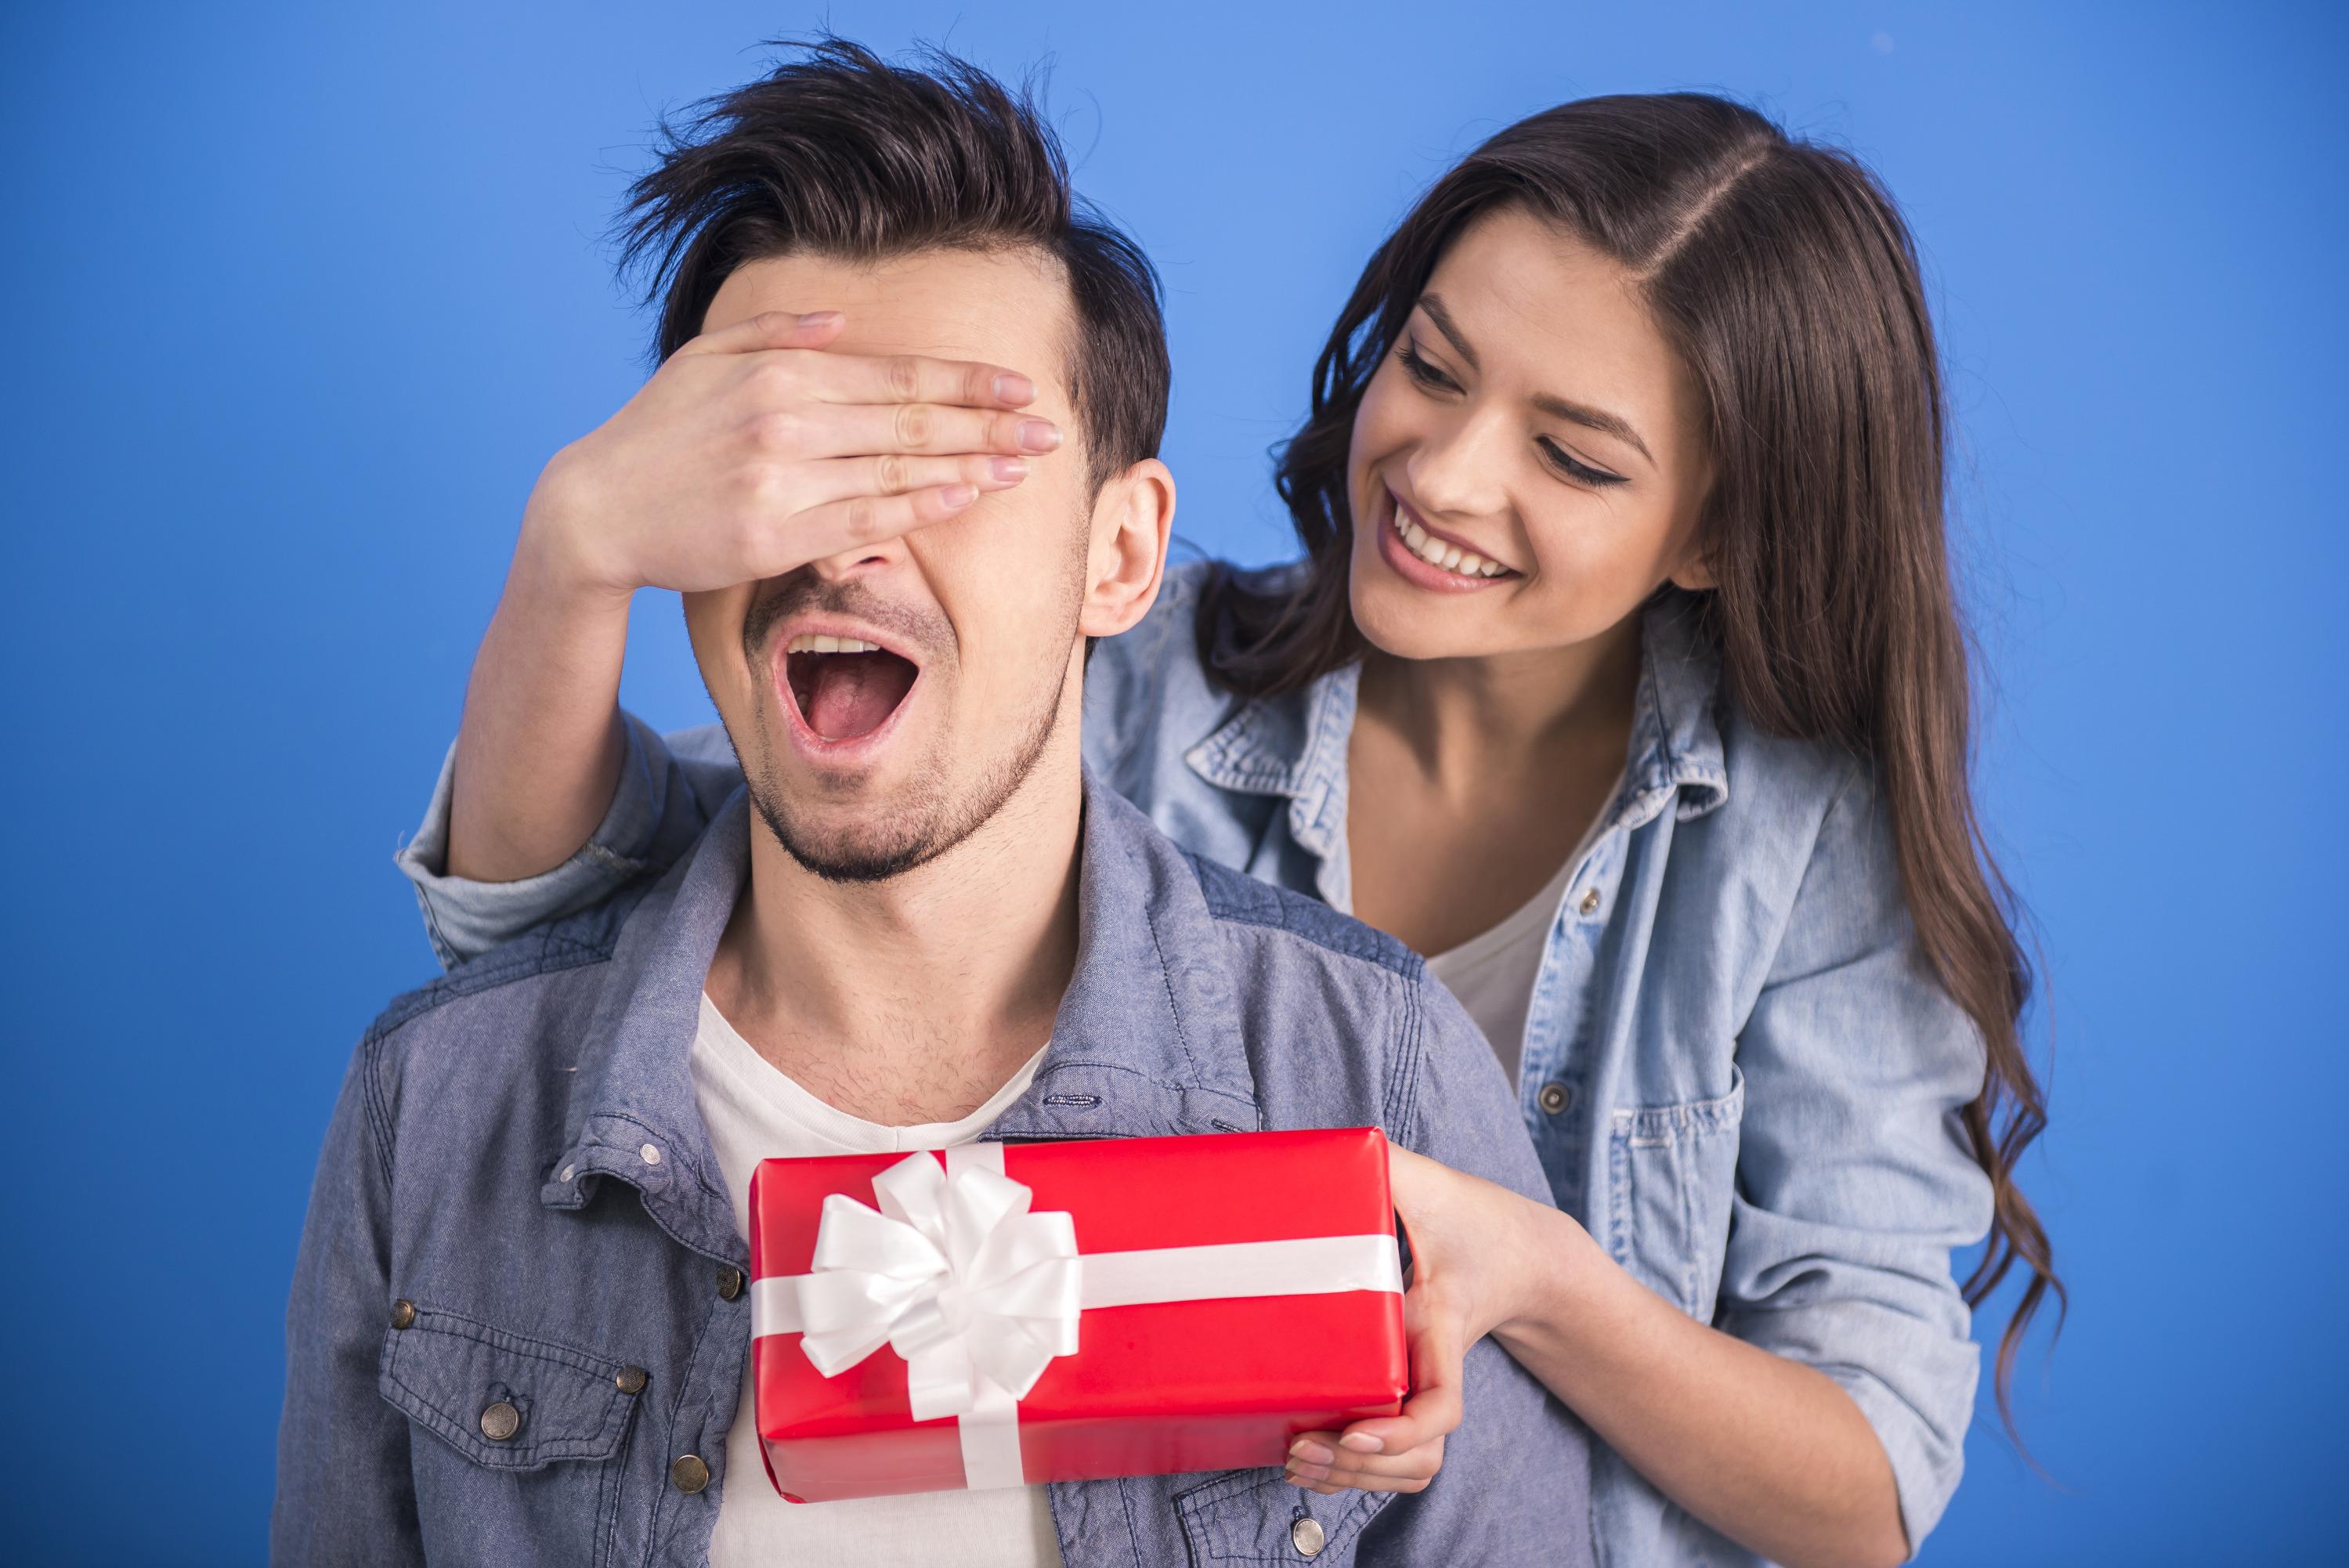 Подходящий подарок для мужчины можно также найти на СберМаркете